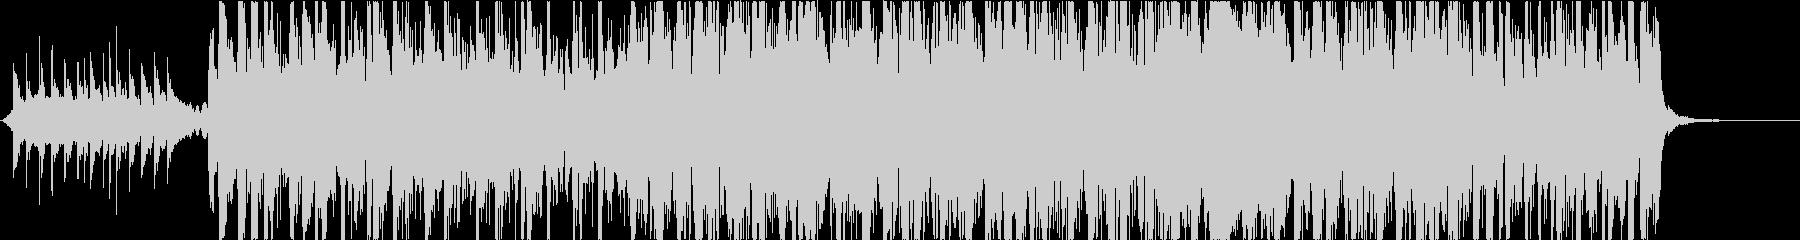 アップテンポな和風曲箏三味線尺八和太鼓の未再生の波形